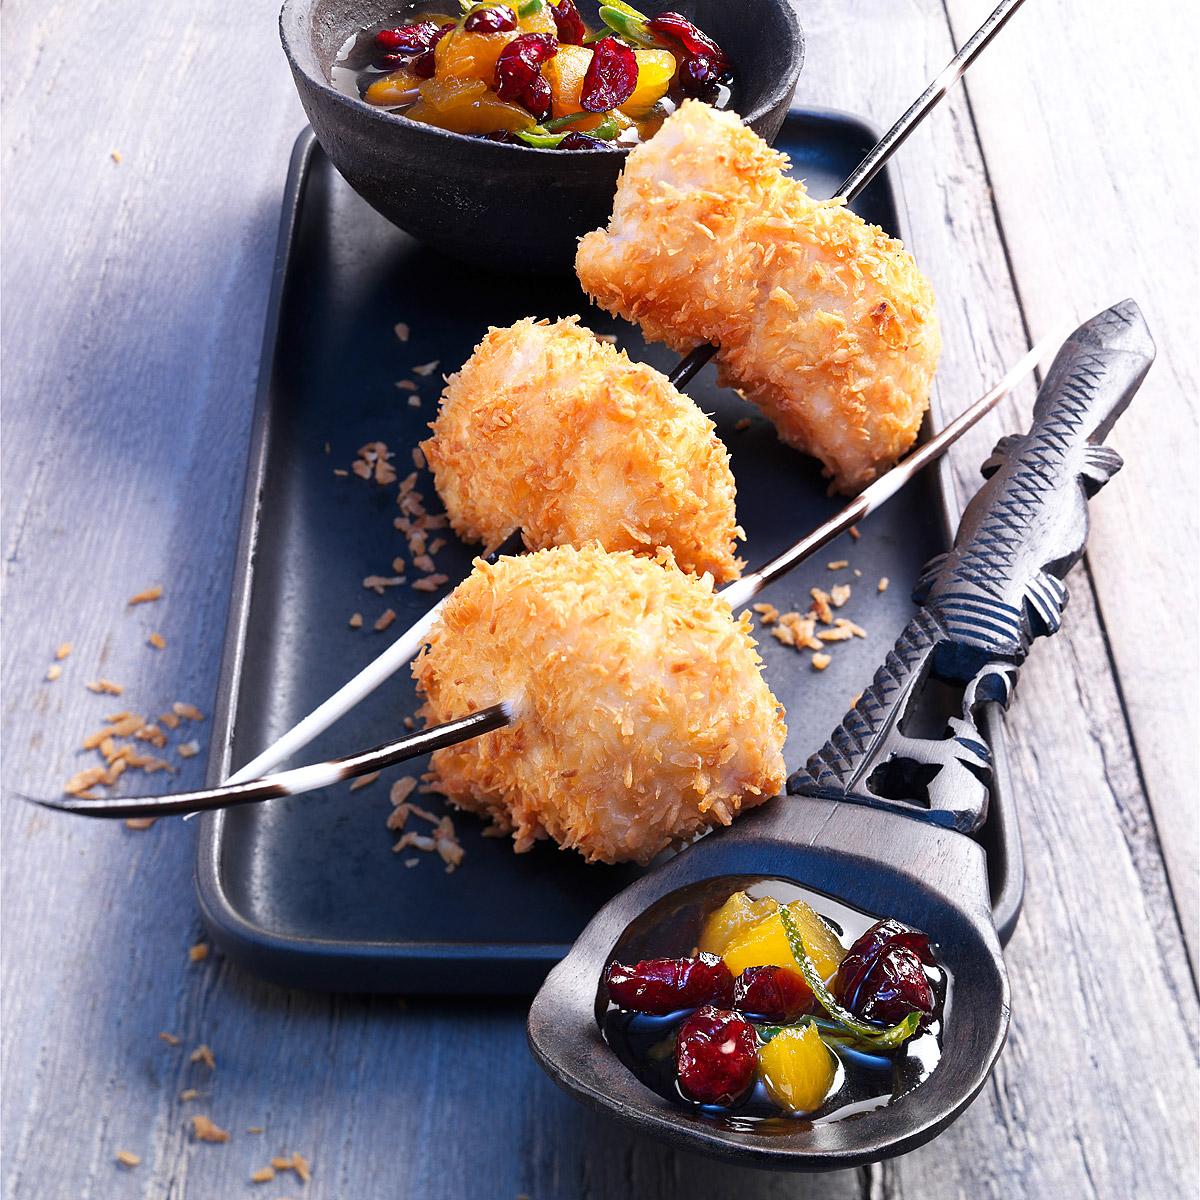 Brocheta de pollo, coco y arándanos -SurExport